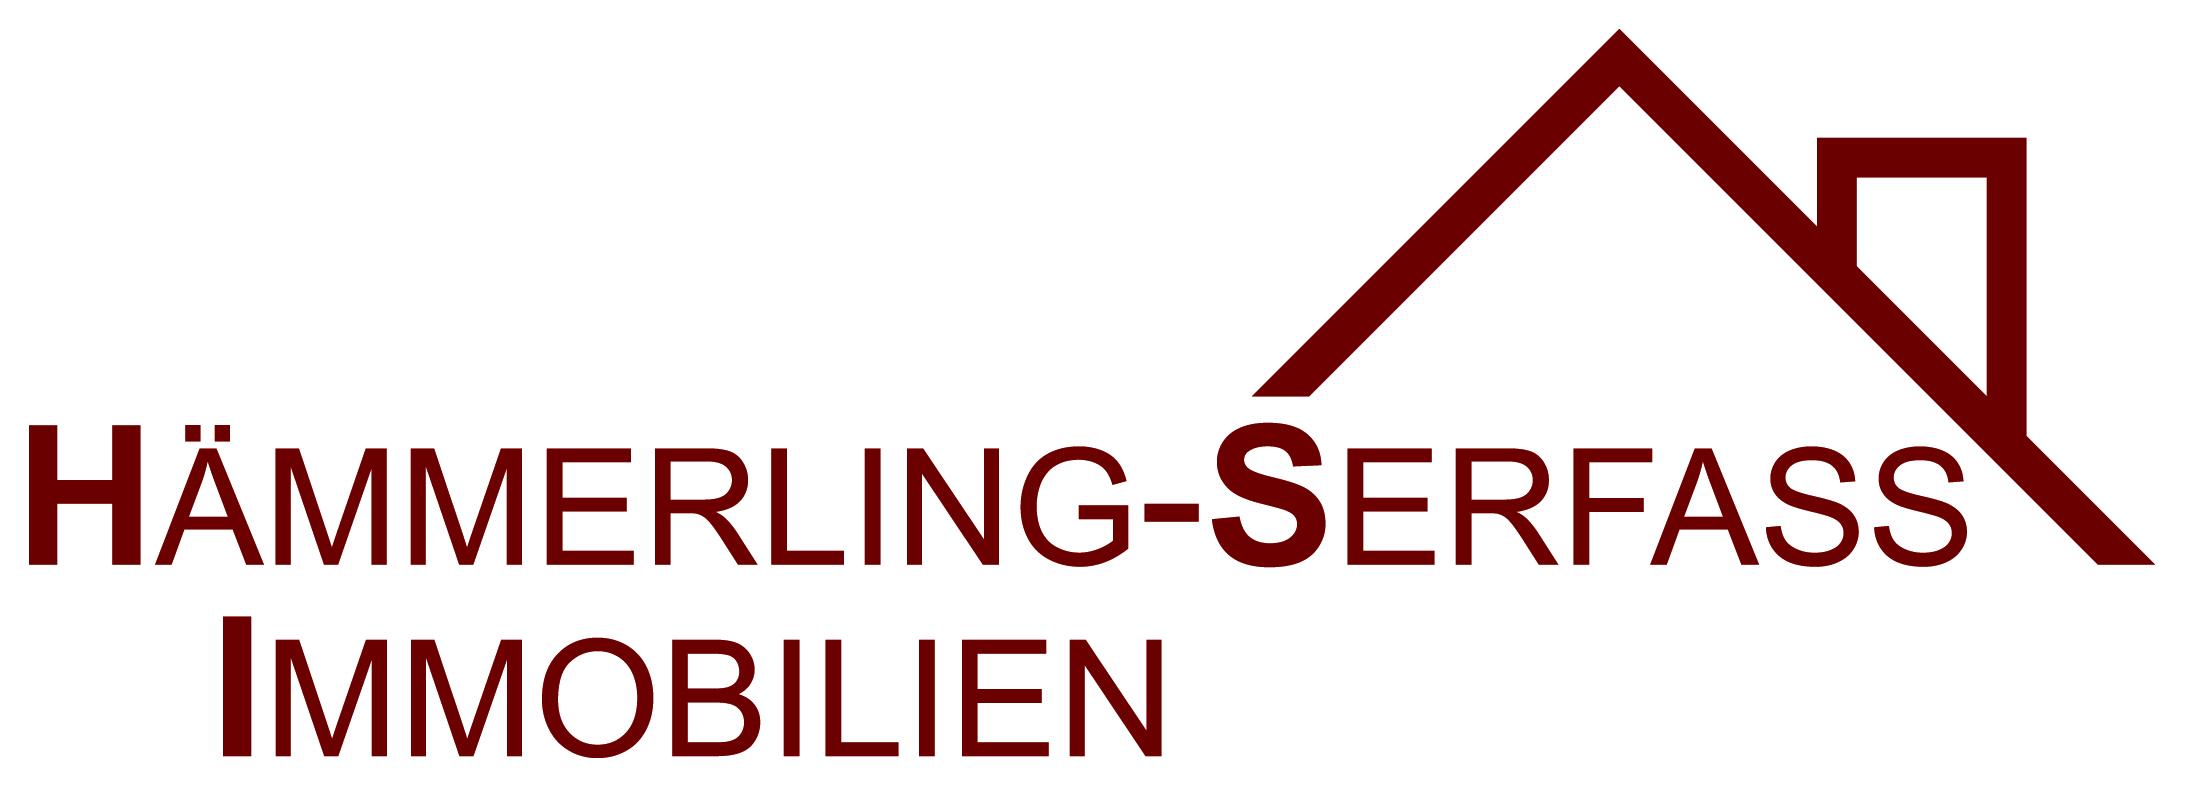 Hier sehen Sie das Logo von Hämmerling-Serfass Immobilien